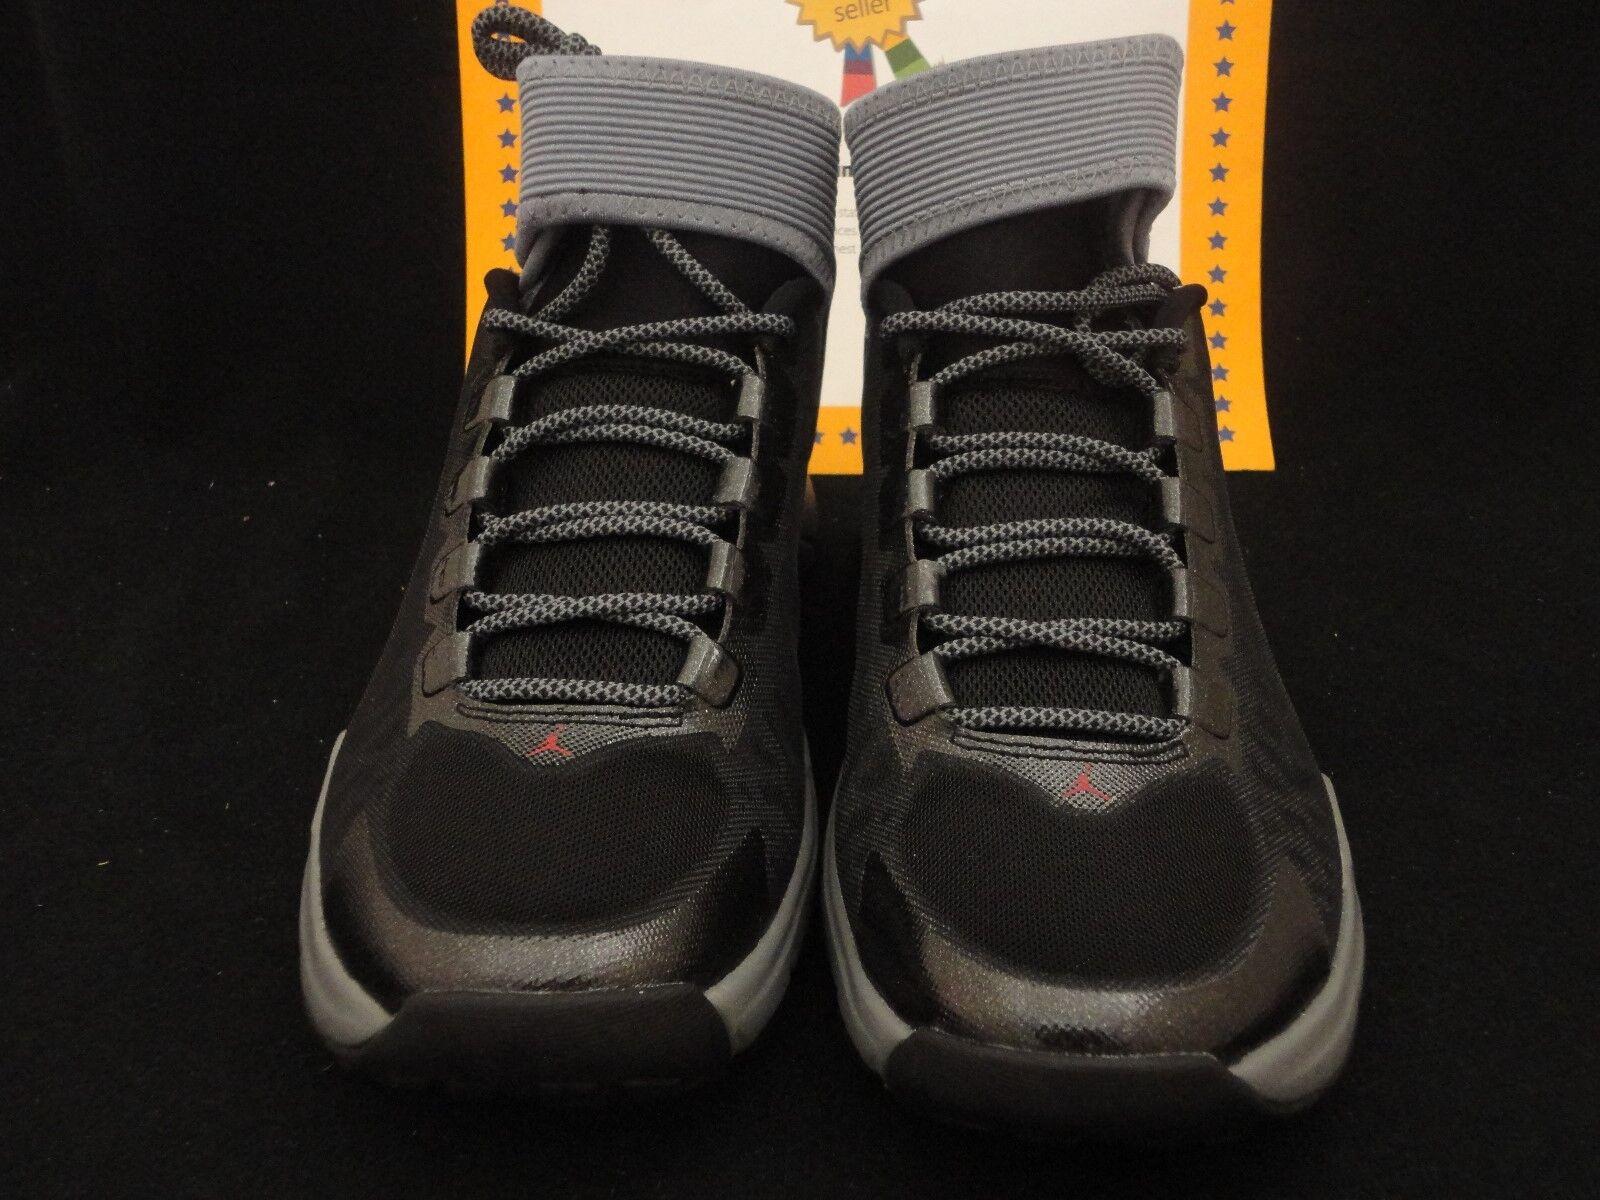 Nike Jordan Dominate Pro 2, Cool Frey     Gym Red   Black, Size 8 1c15cc